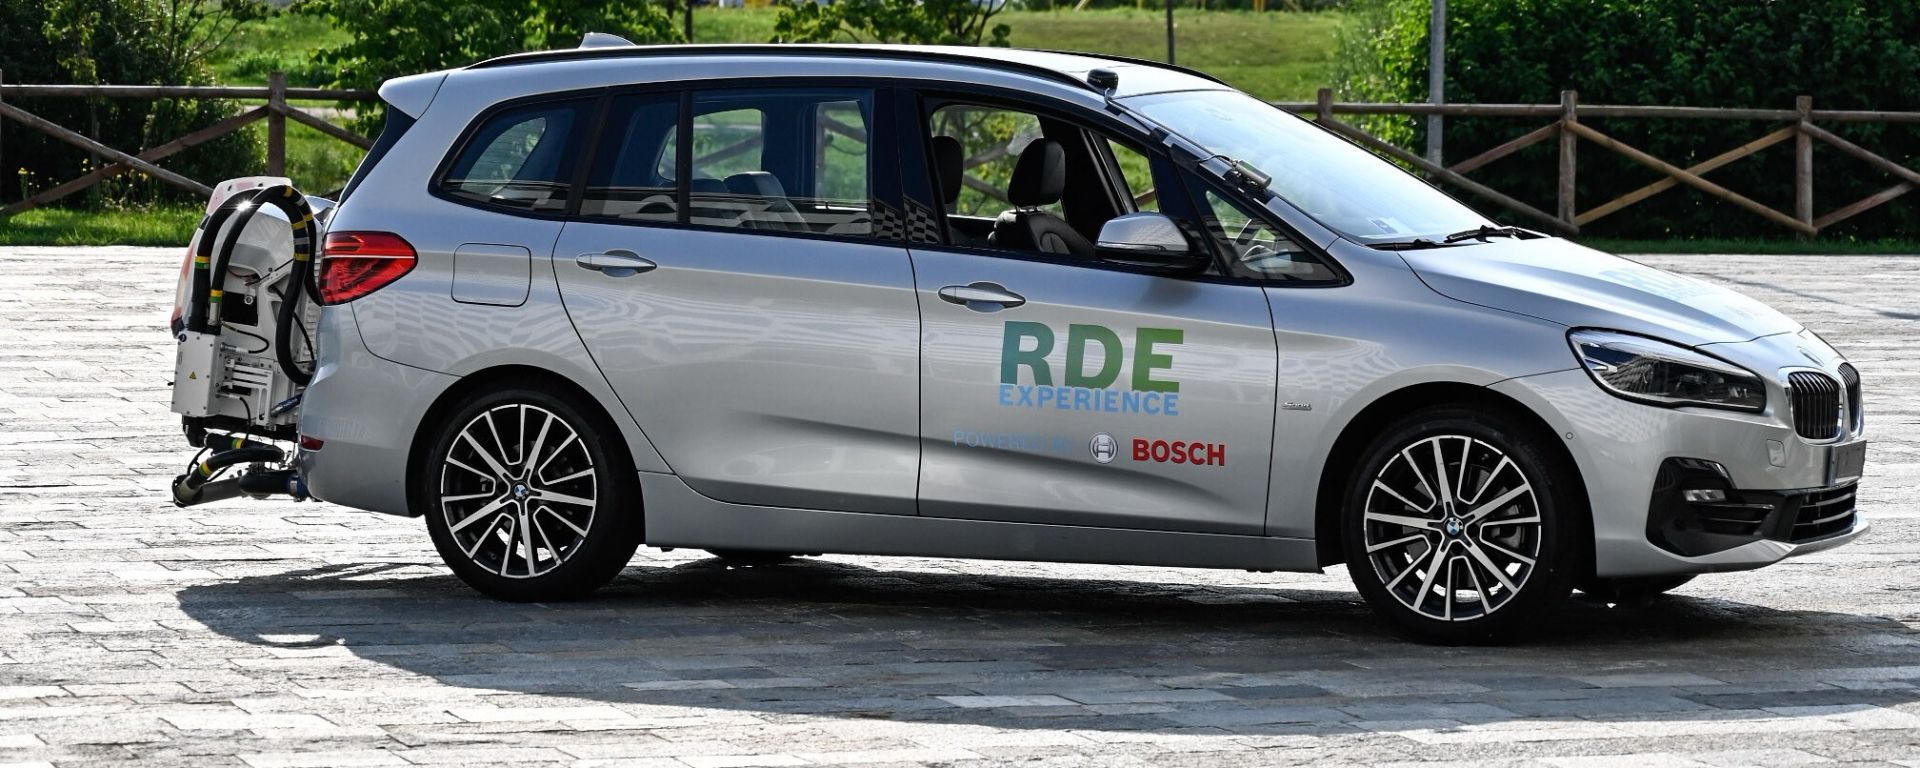 Bosch RDE Experience, come funzionano i test di omologazione